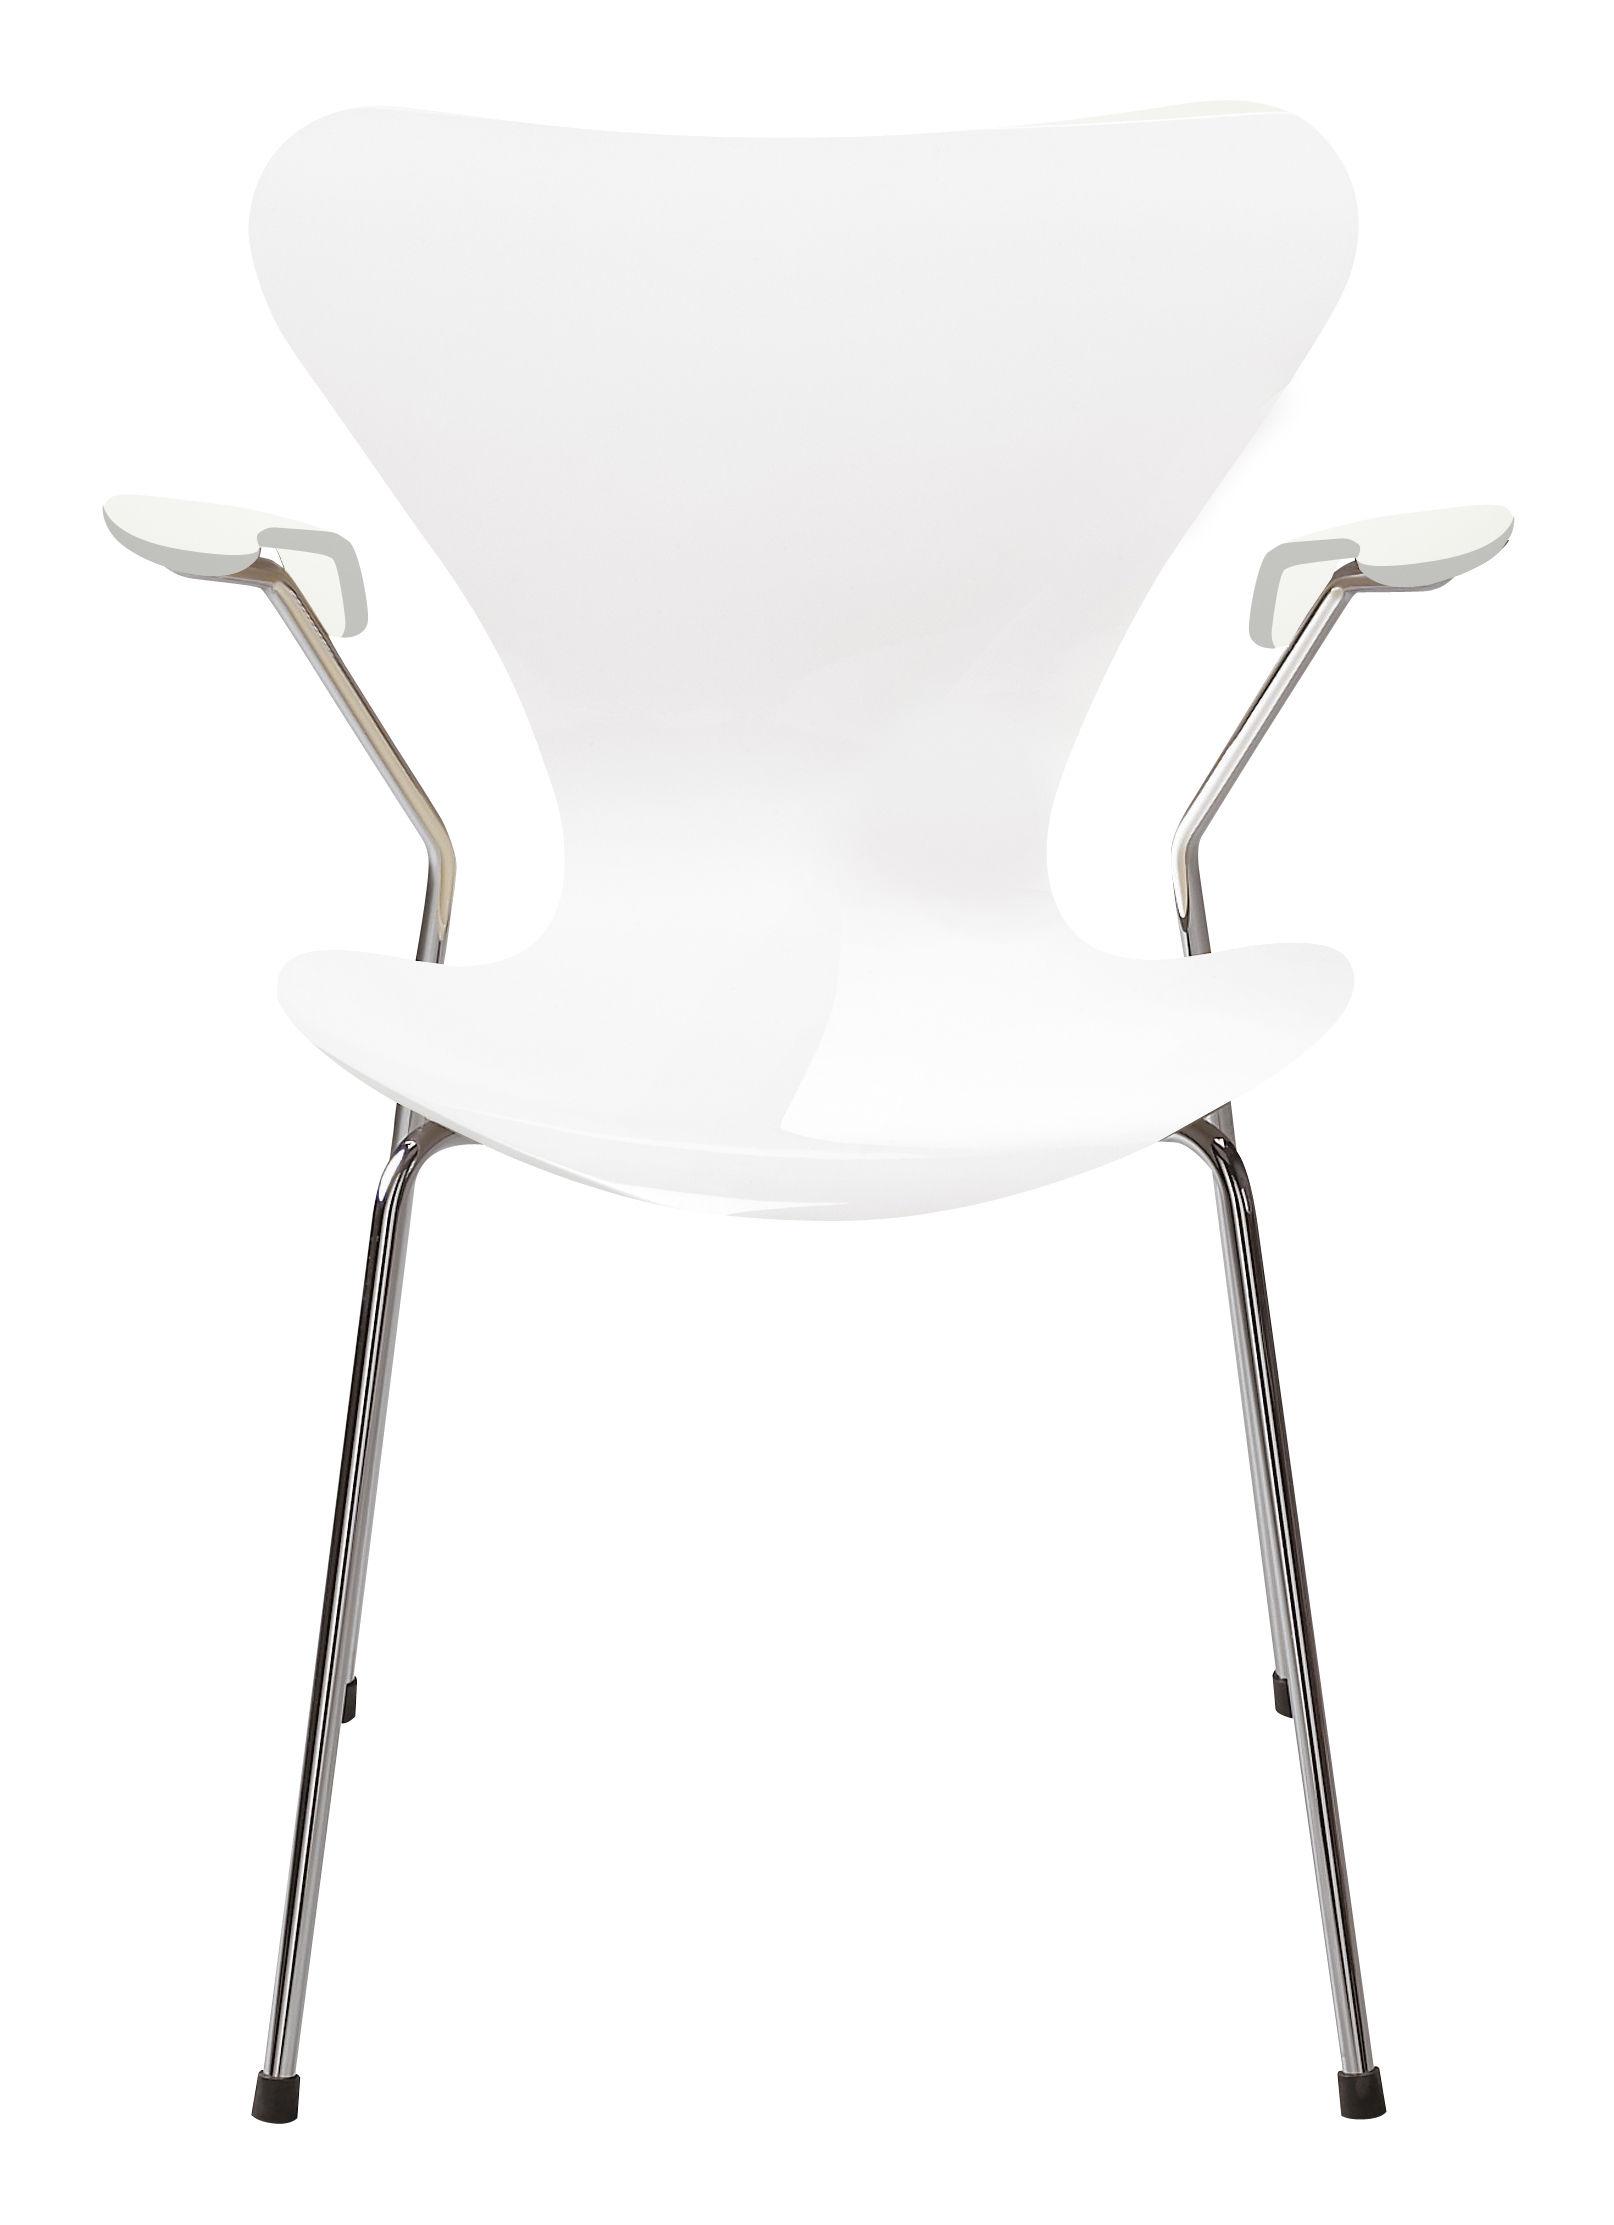 Möbel - Stühle  - Série 7 Sessel Holz lackiert - Fritz Hansen - Weiß lackiert - Contreplaqué de bois laqué, Stahl